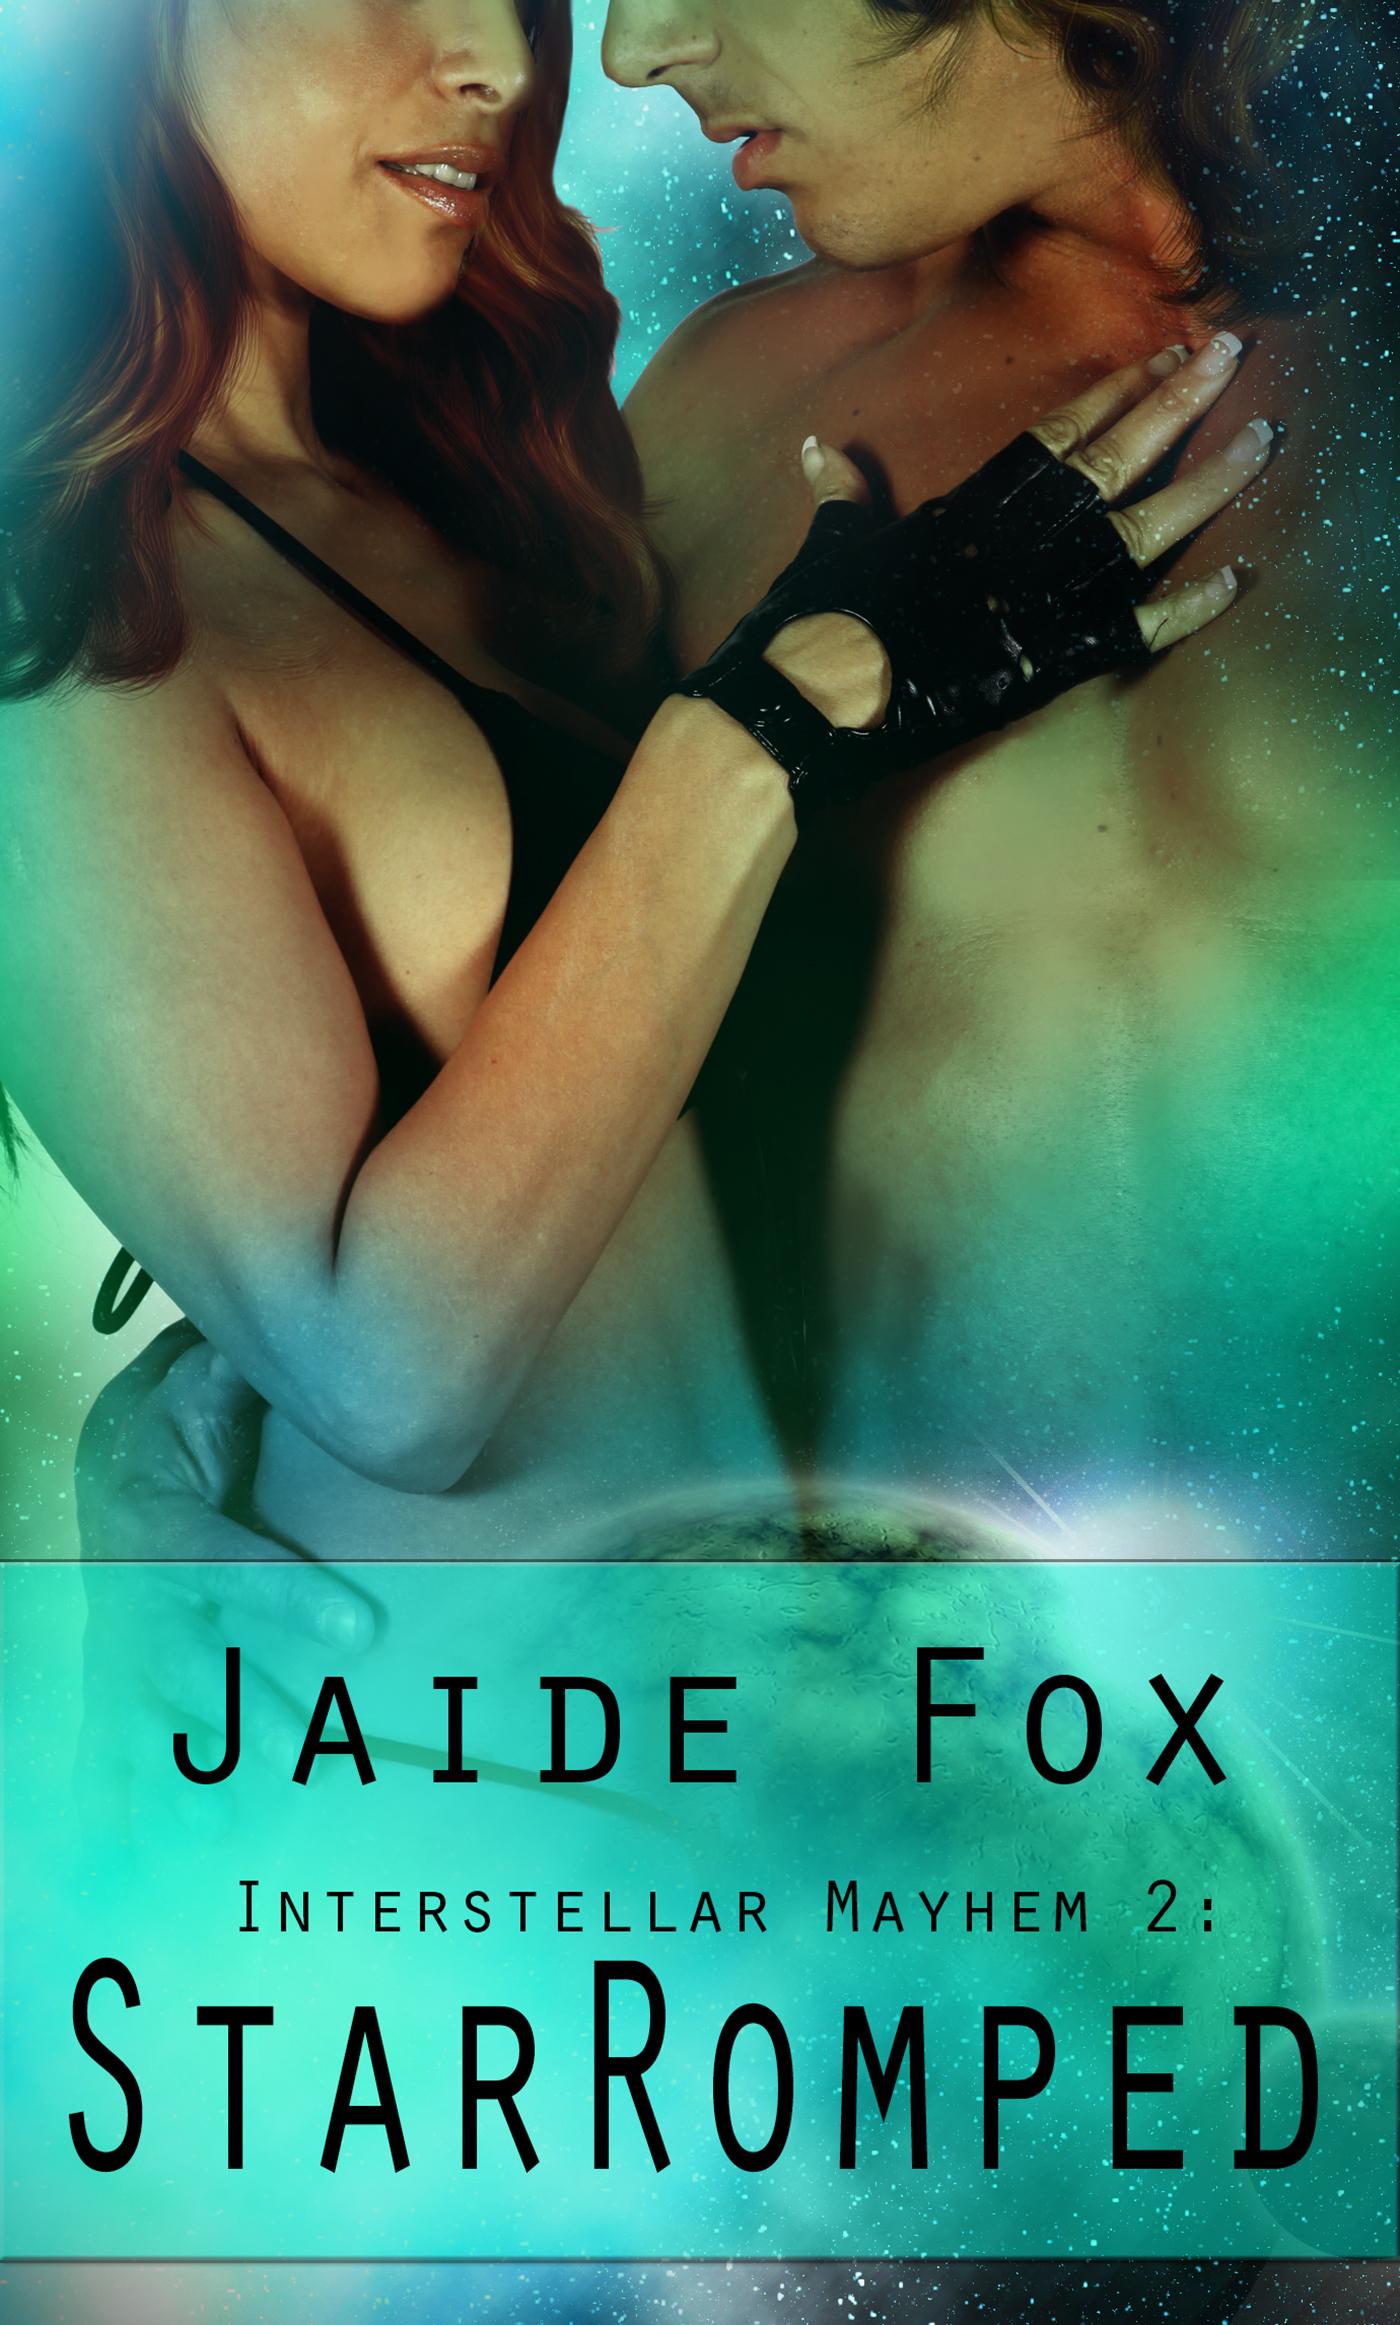 Jaide Fox - StarRomped